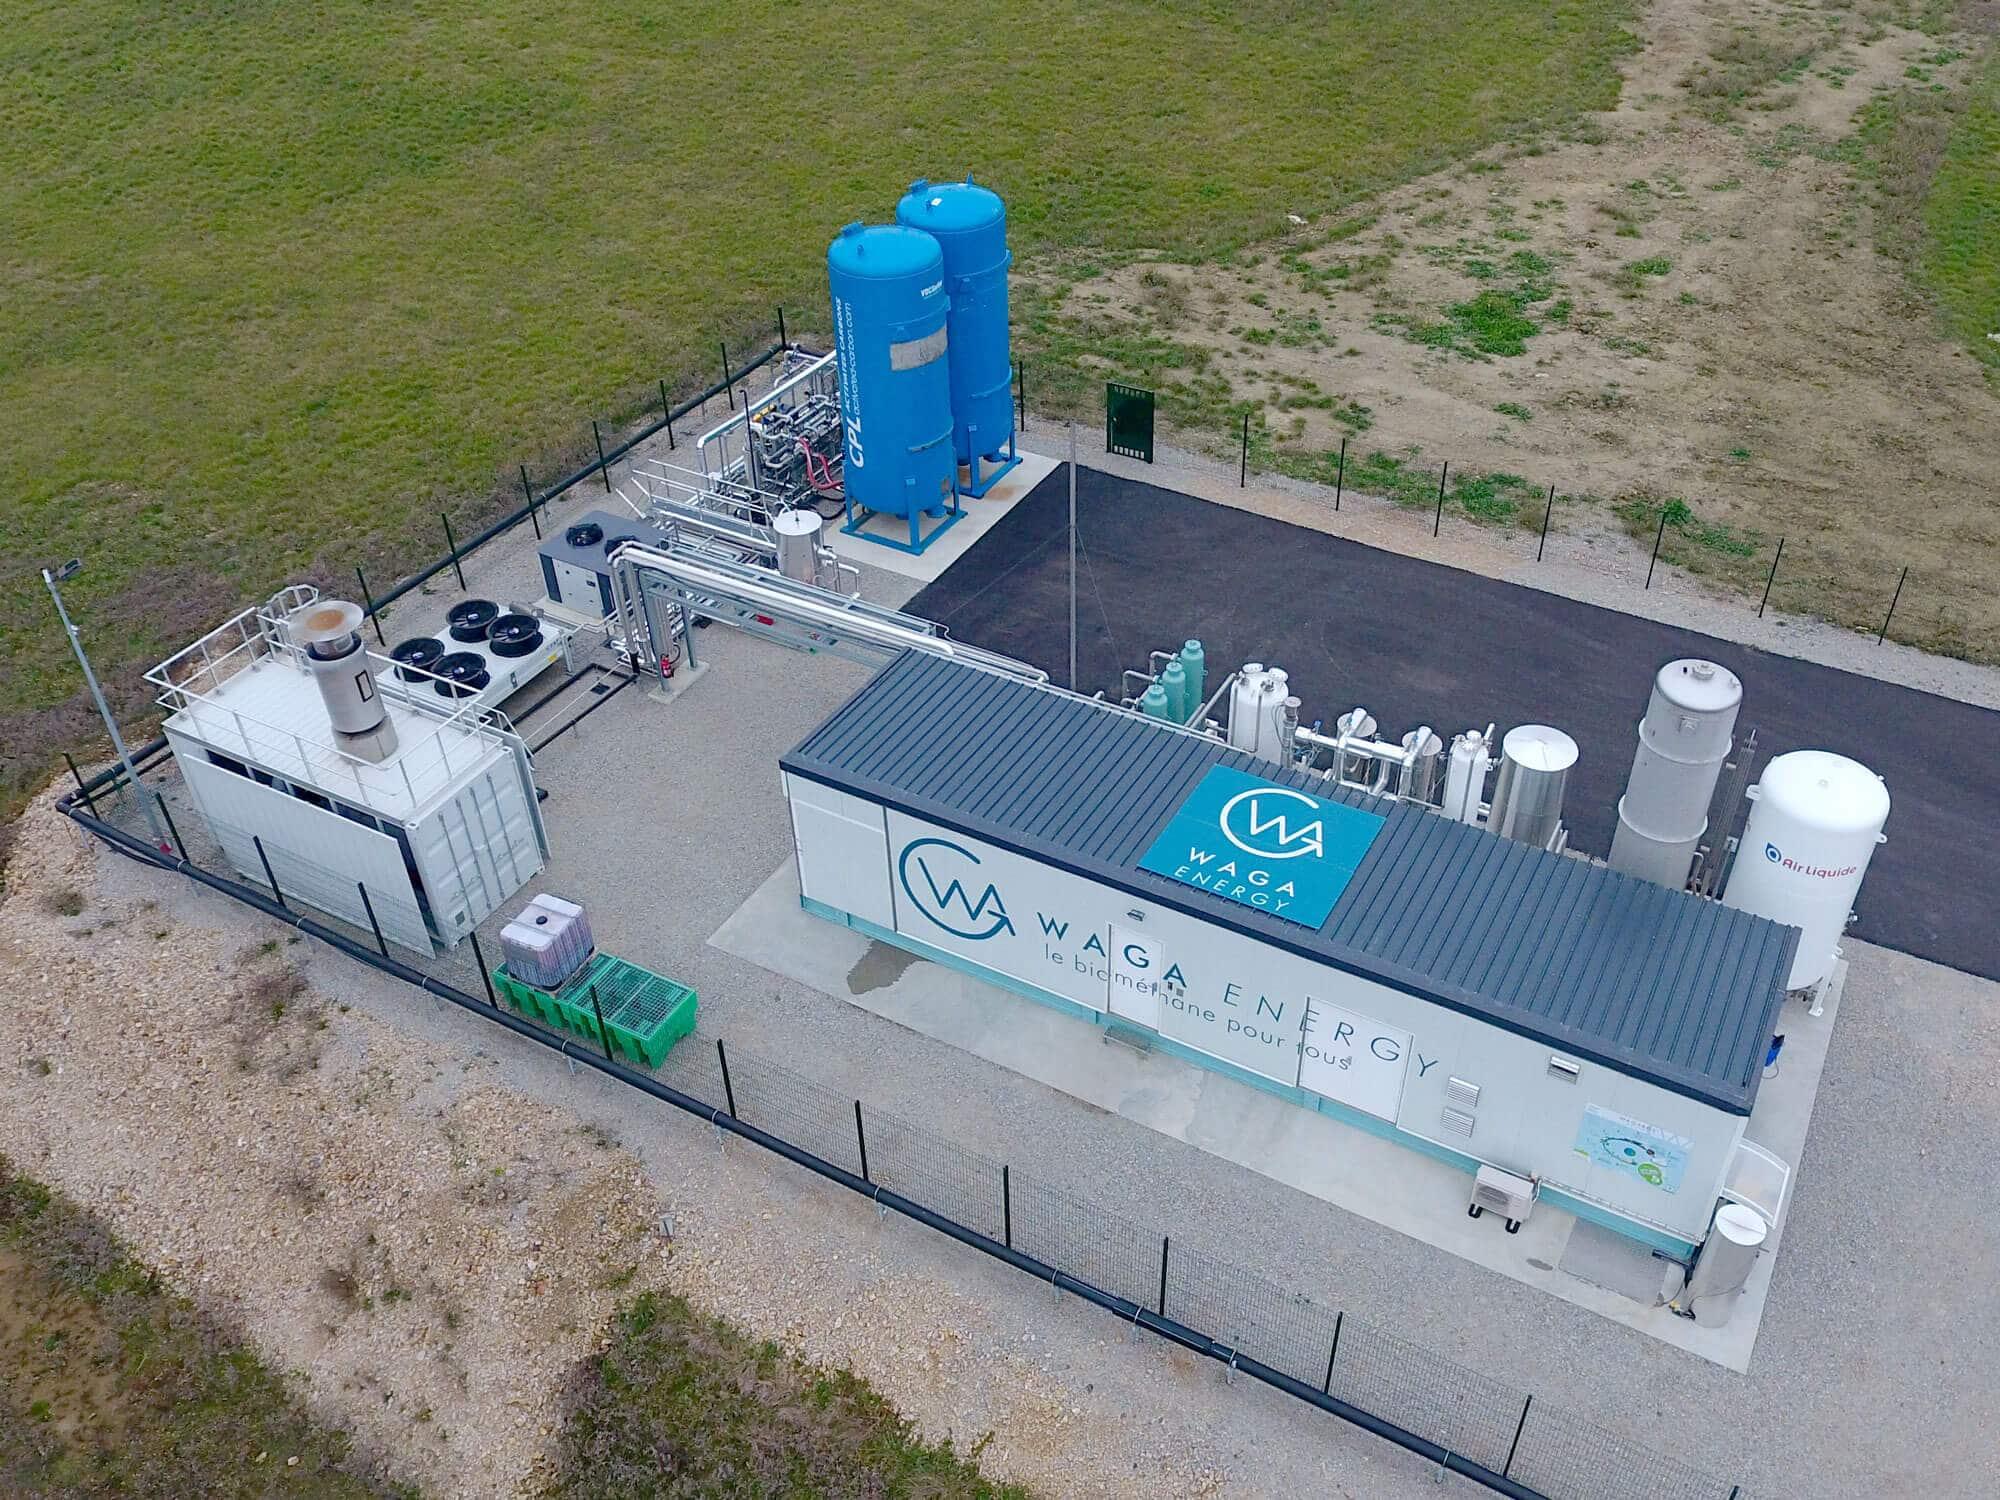 [IPO] Waga Energy reçoit l'approbation de l'Autorité des Marchés financiers pour son introduction en bourse sur Euronext Paris et ambitionne de devenir un leader mondial de la transition écologique